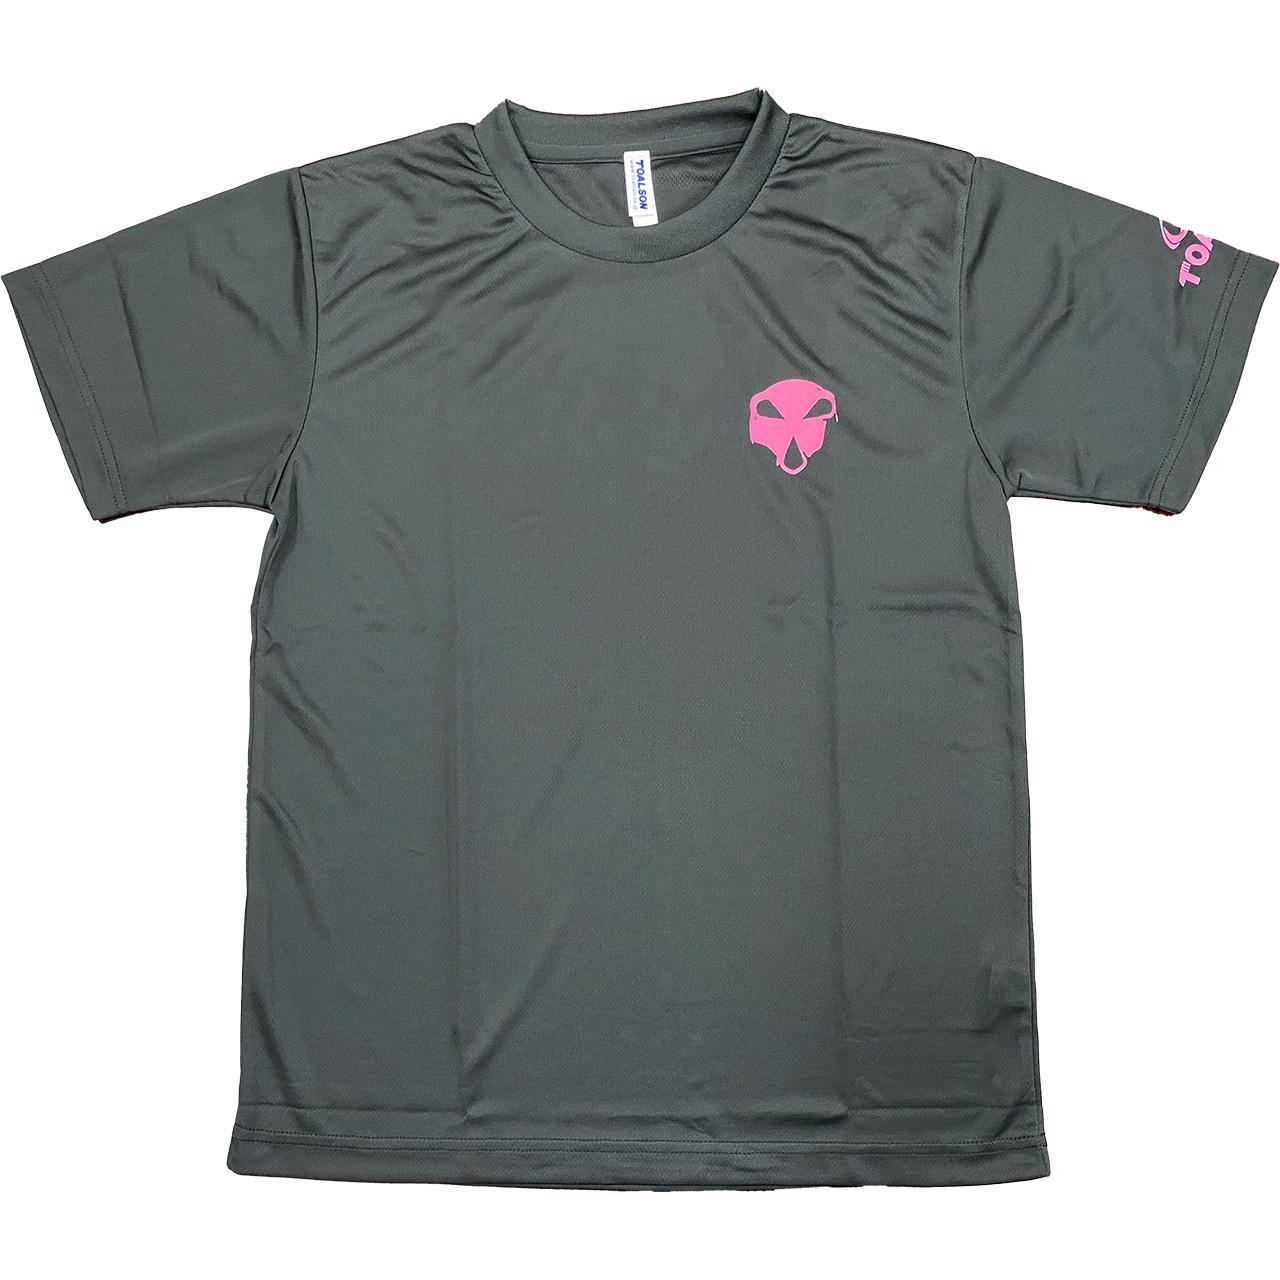 【送料込み】デビルスピンTシャツ